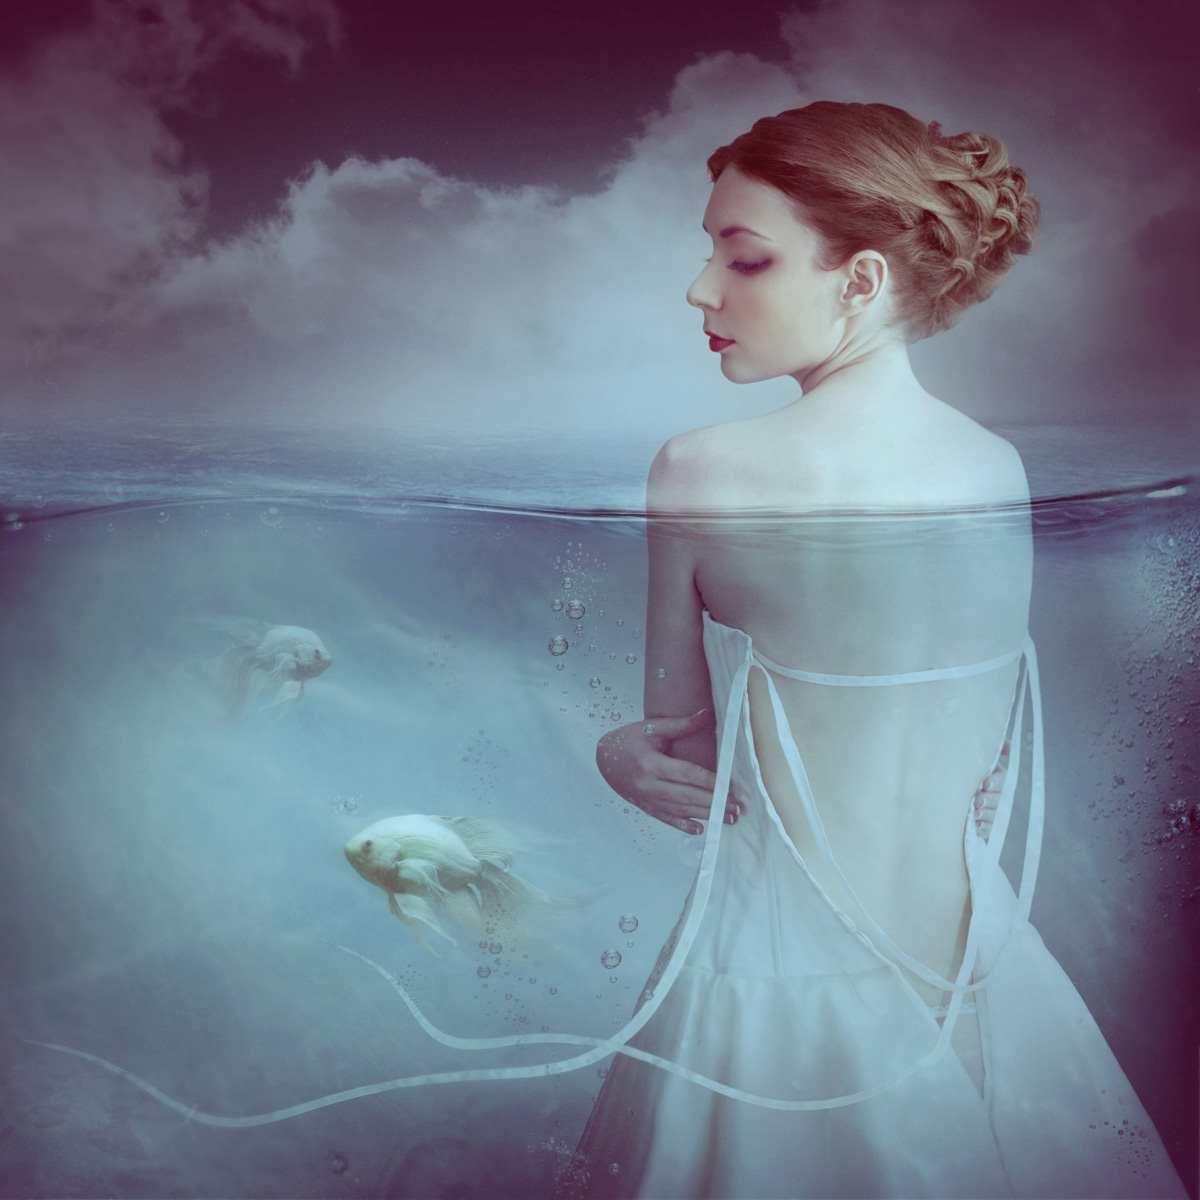 Fine Art Wedding Photography By Katya Rashkevich